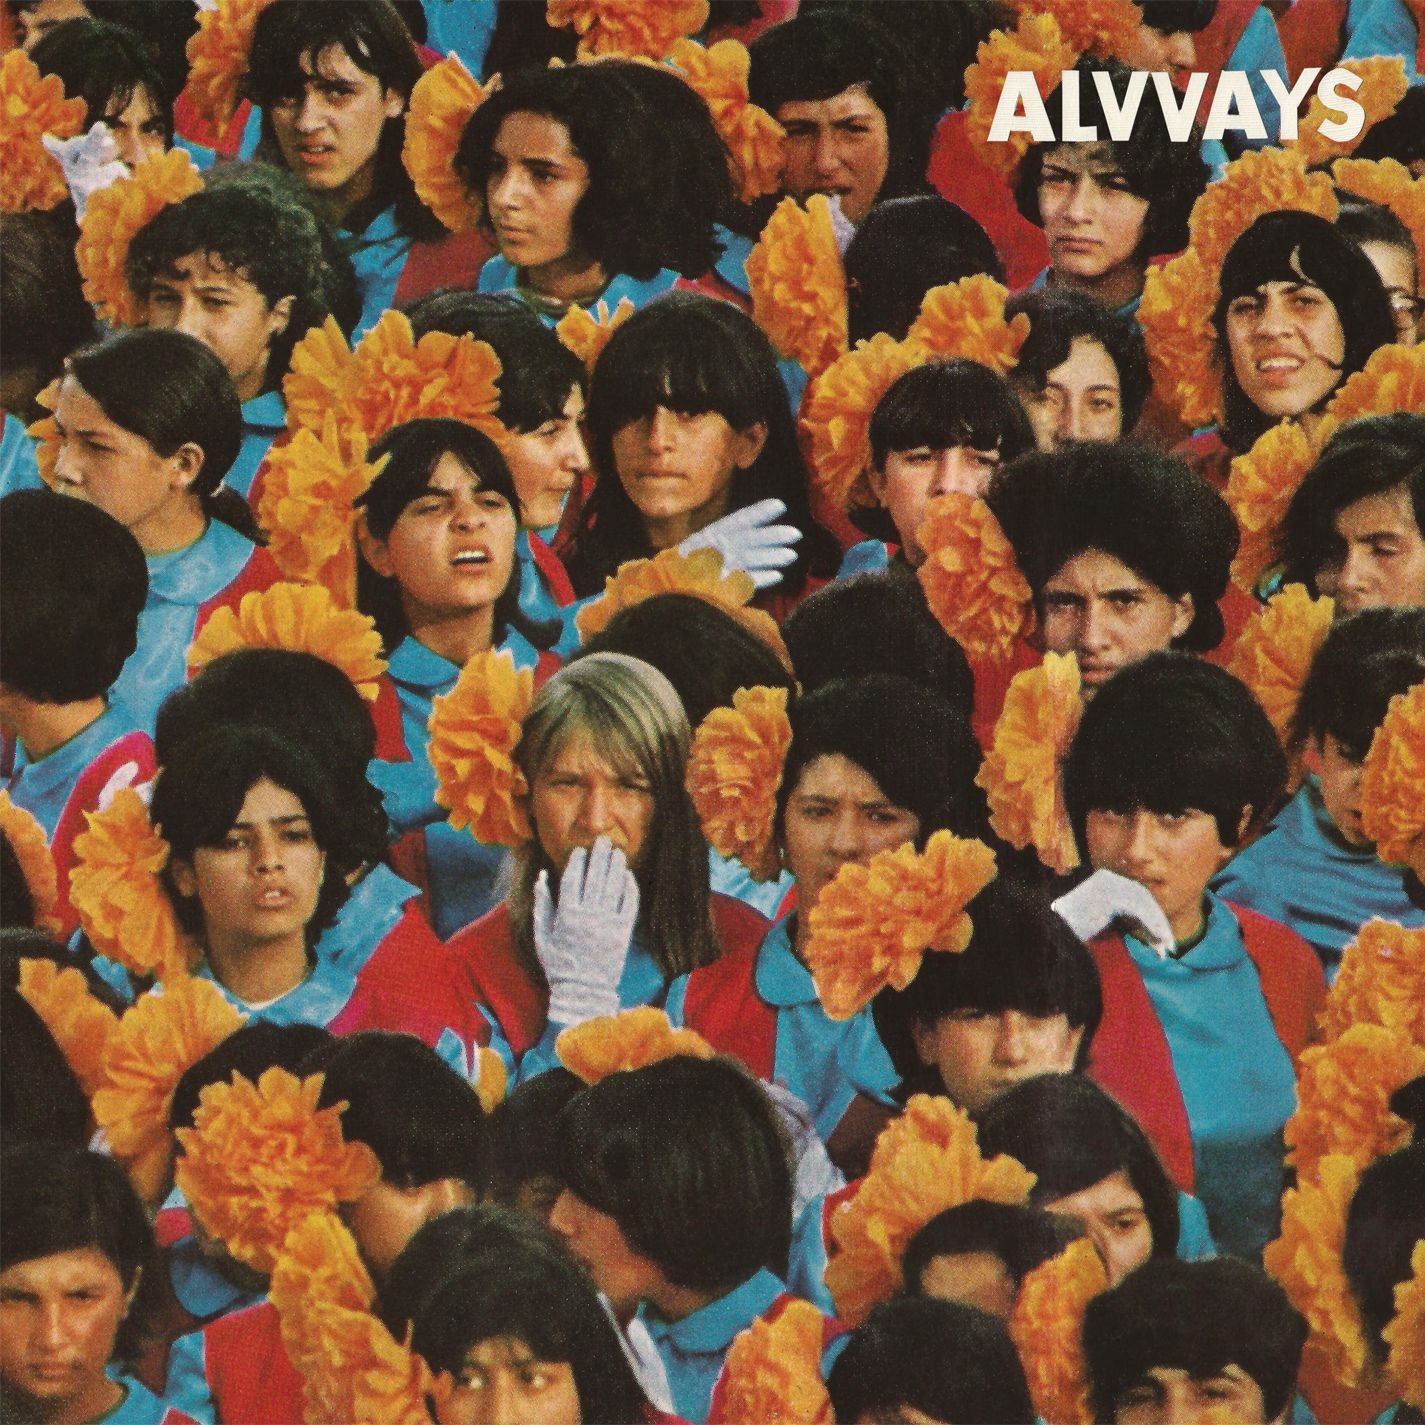 Alvvays วงอินดี้ป๊อปจากแคนาดา พร้อมสะกดแฟนเพลง กับคอนเสิร์ตครั้งแรกในไทย!